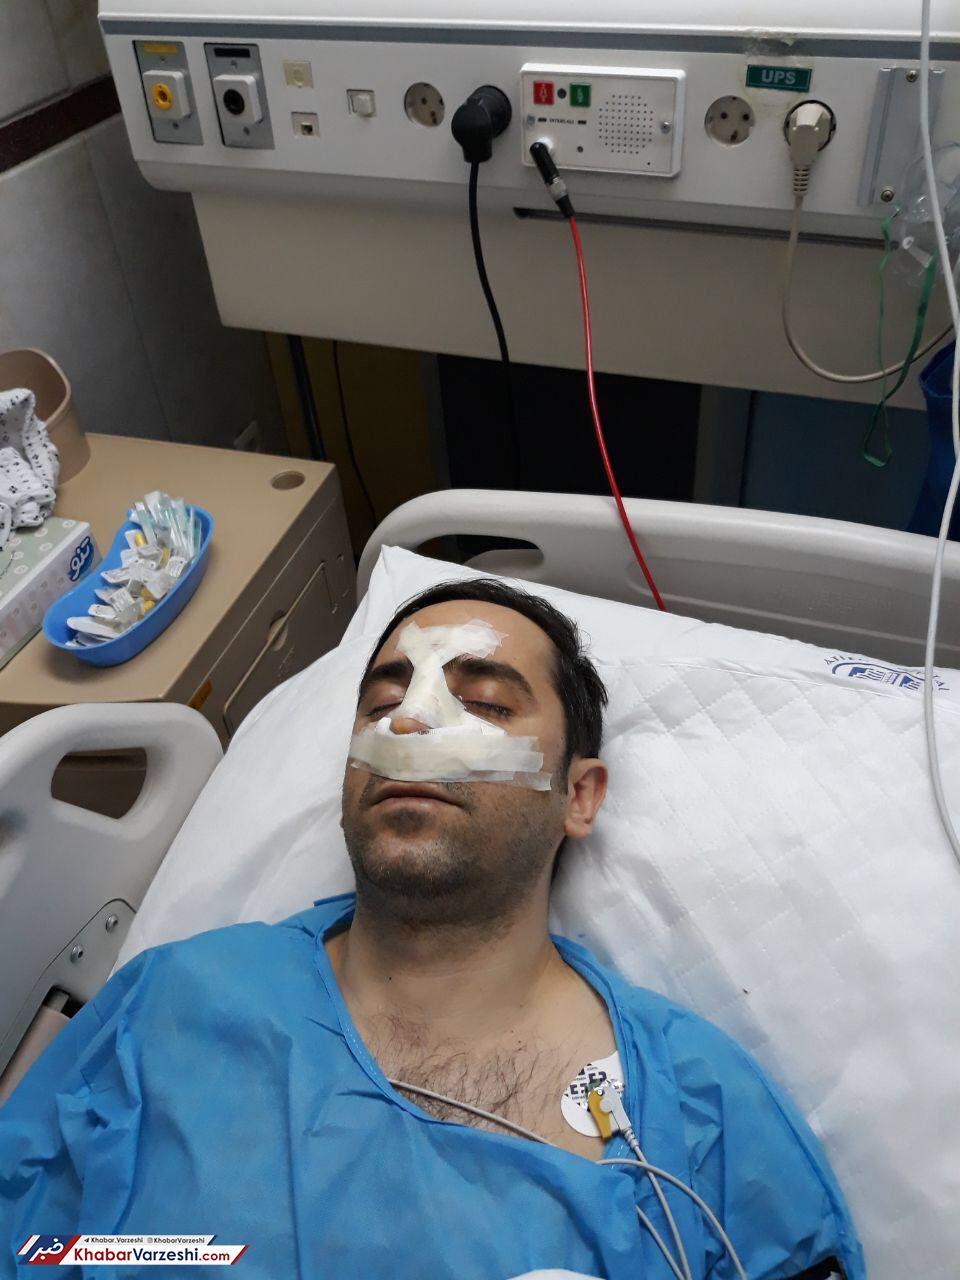 عکس| معاون مضروب باشگاه استقلال جراحی شد